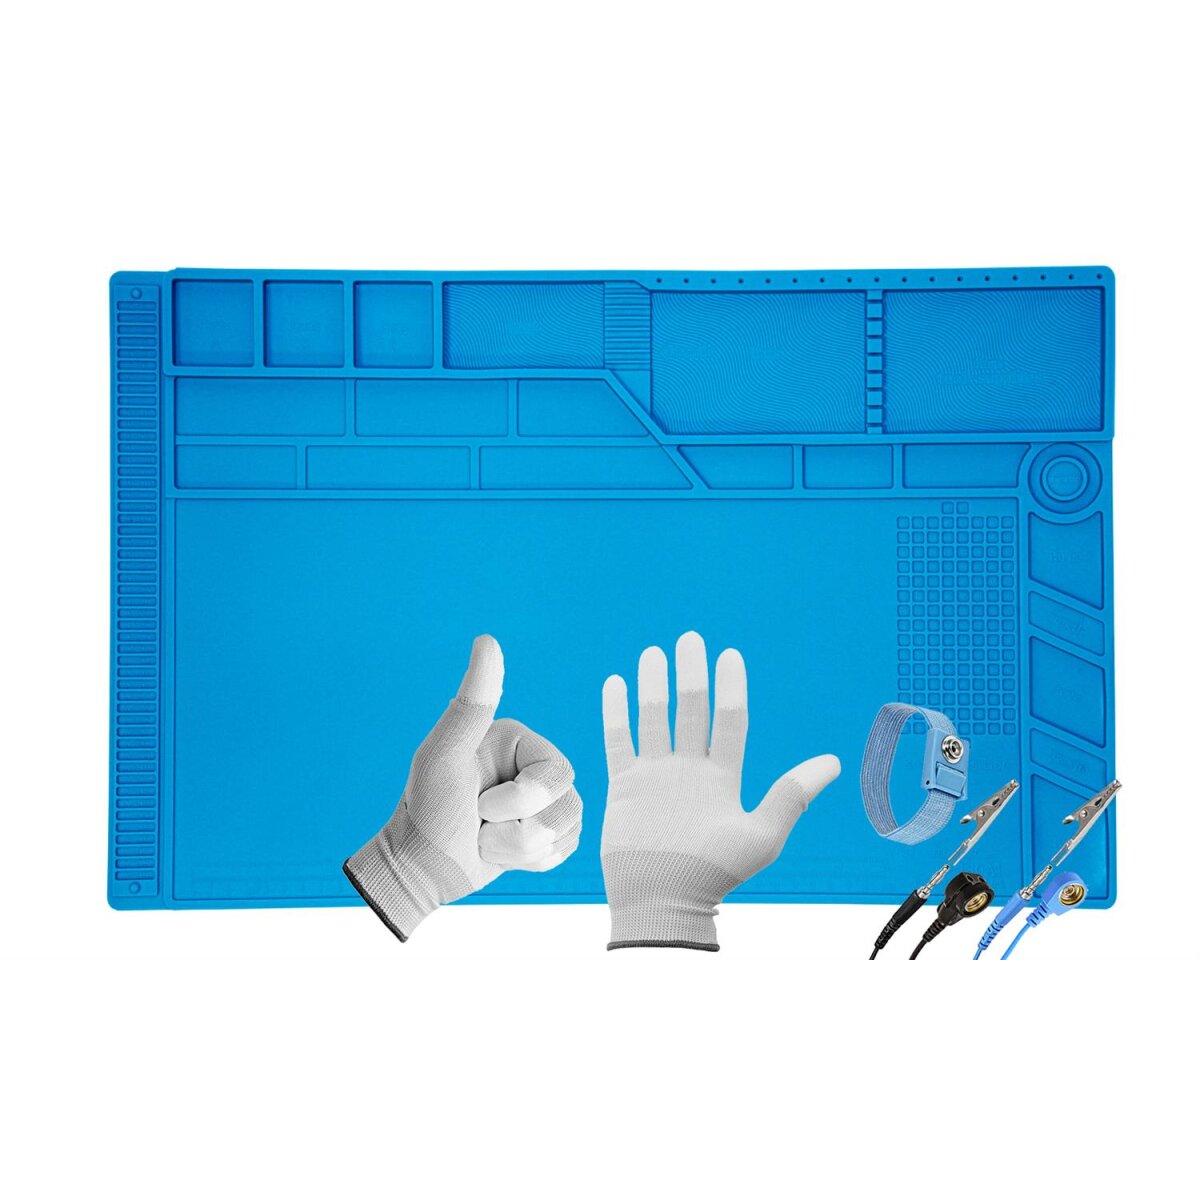 Minadax Antistatik XXL ESD Lötmatte, 55 x 35cm Große Silikonmatte + Handgelenkschlaufe + Handschuhe, 500°C Hitzebeständige Reparaturmatte, Rutschfest